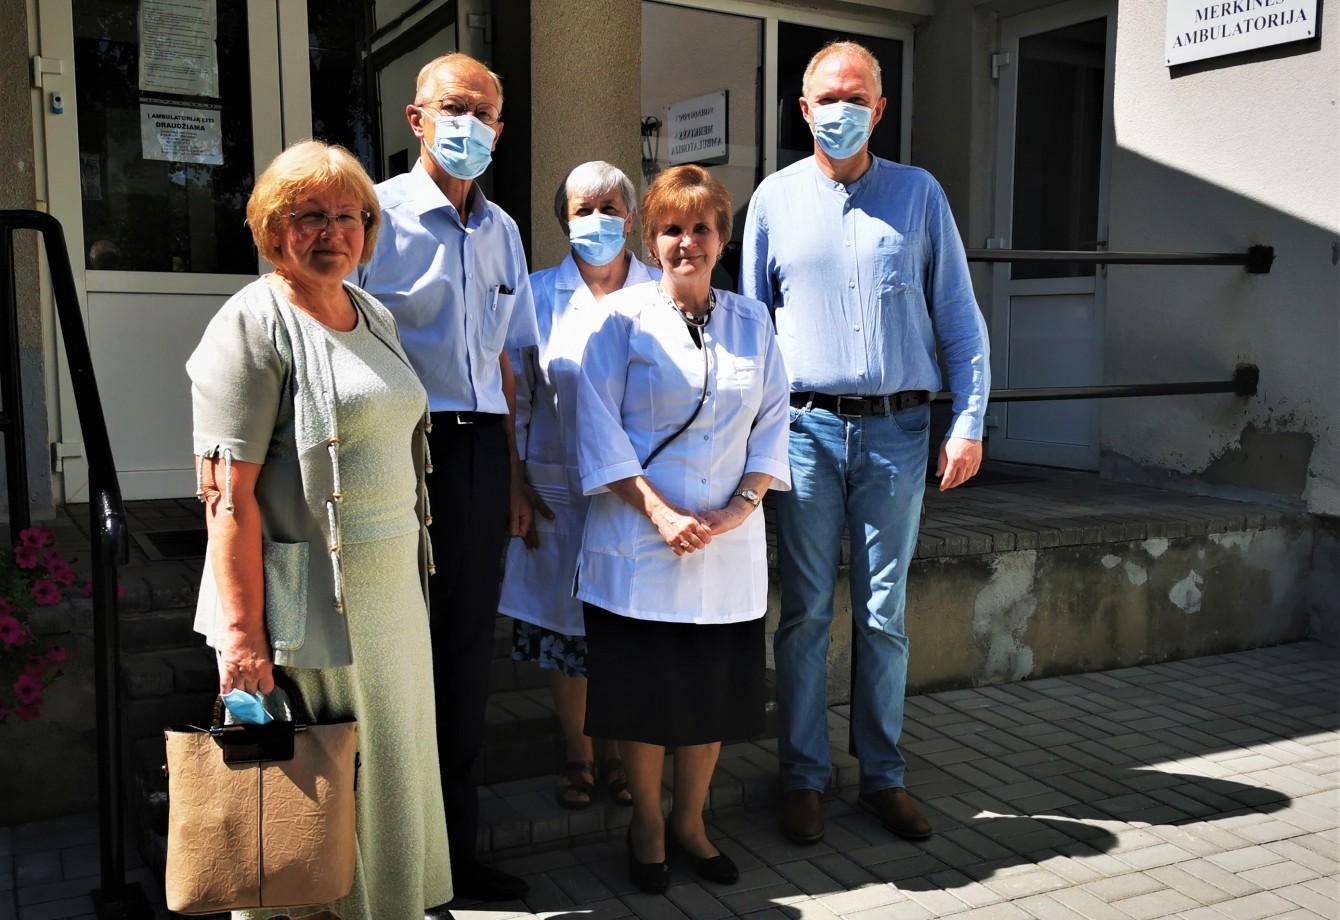 Liepos 2 d. Varėnos rajono savivaldybės meras Algis Kašėta lankėsi VšĮ Varėnos PSPC Merkinės filiale.